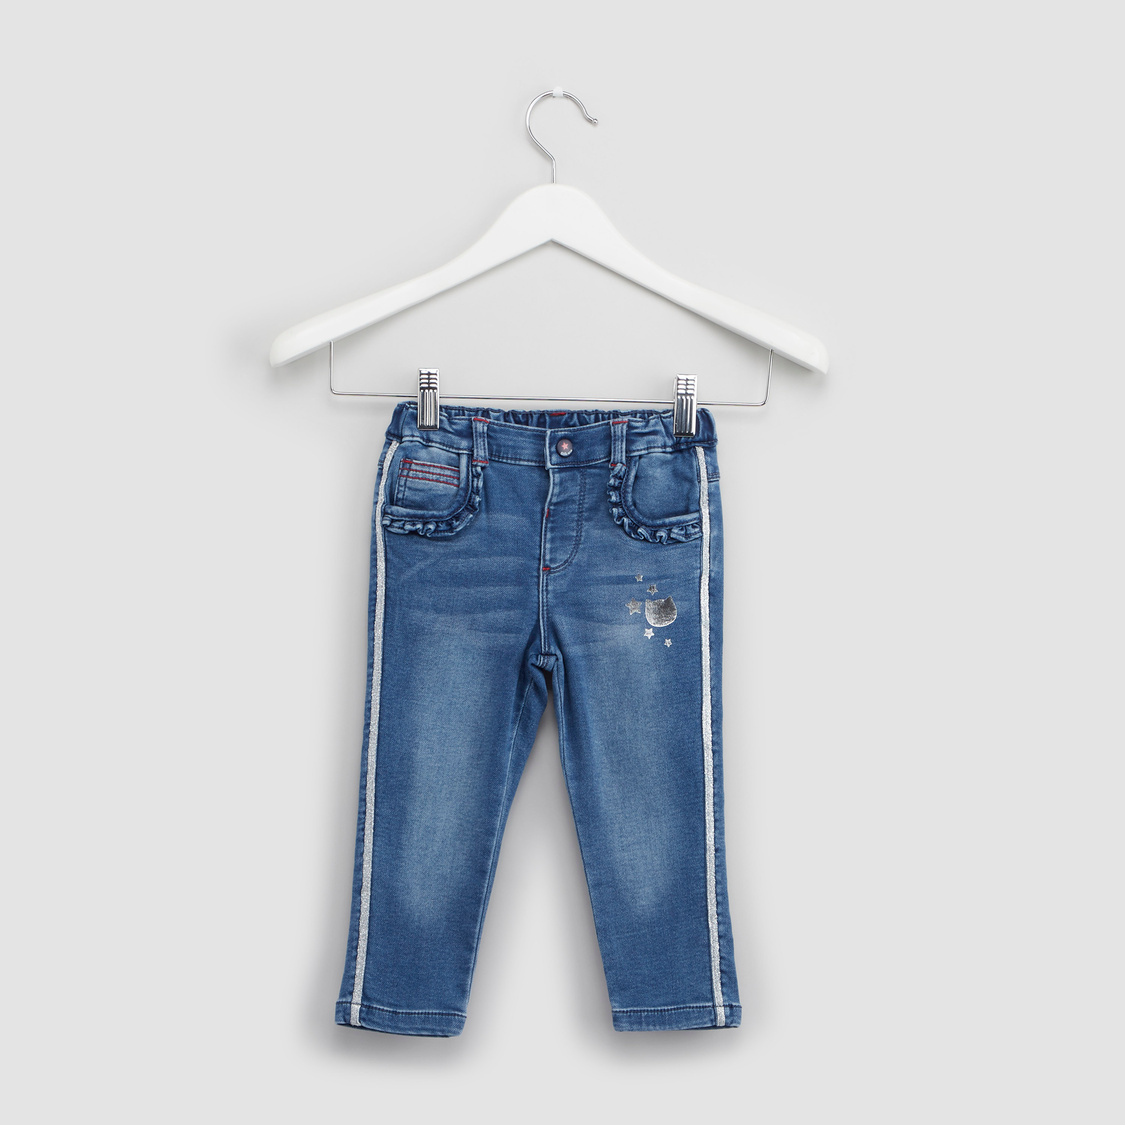 بنطلون جينز بشريط جانبي وتفاصيل كشكش وطبعات